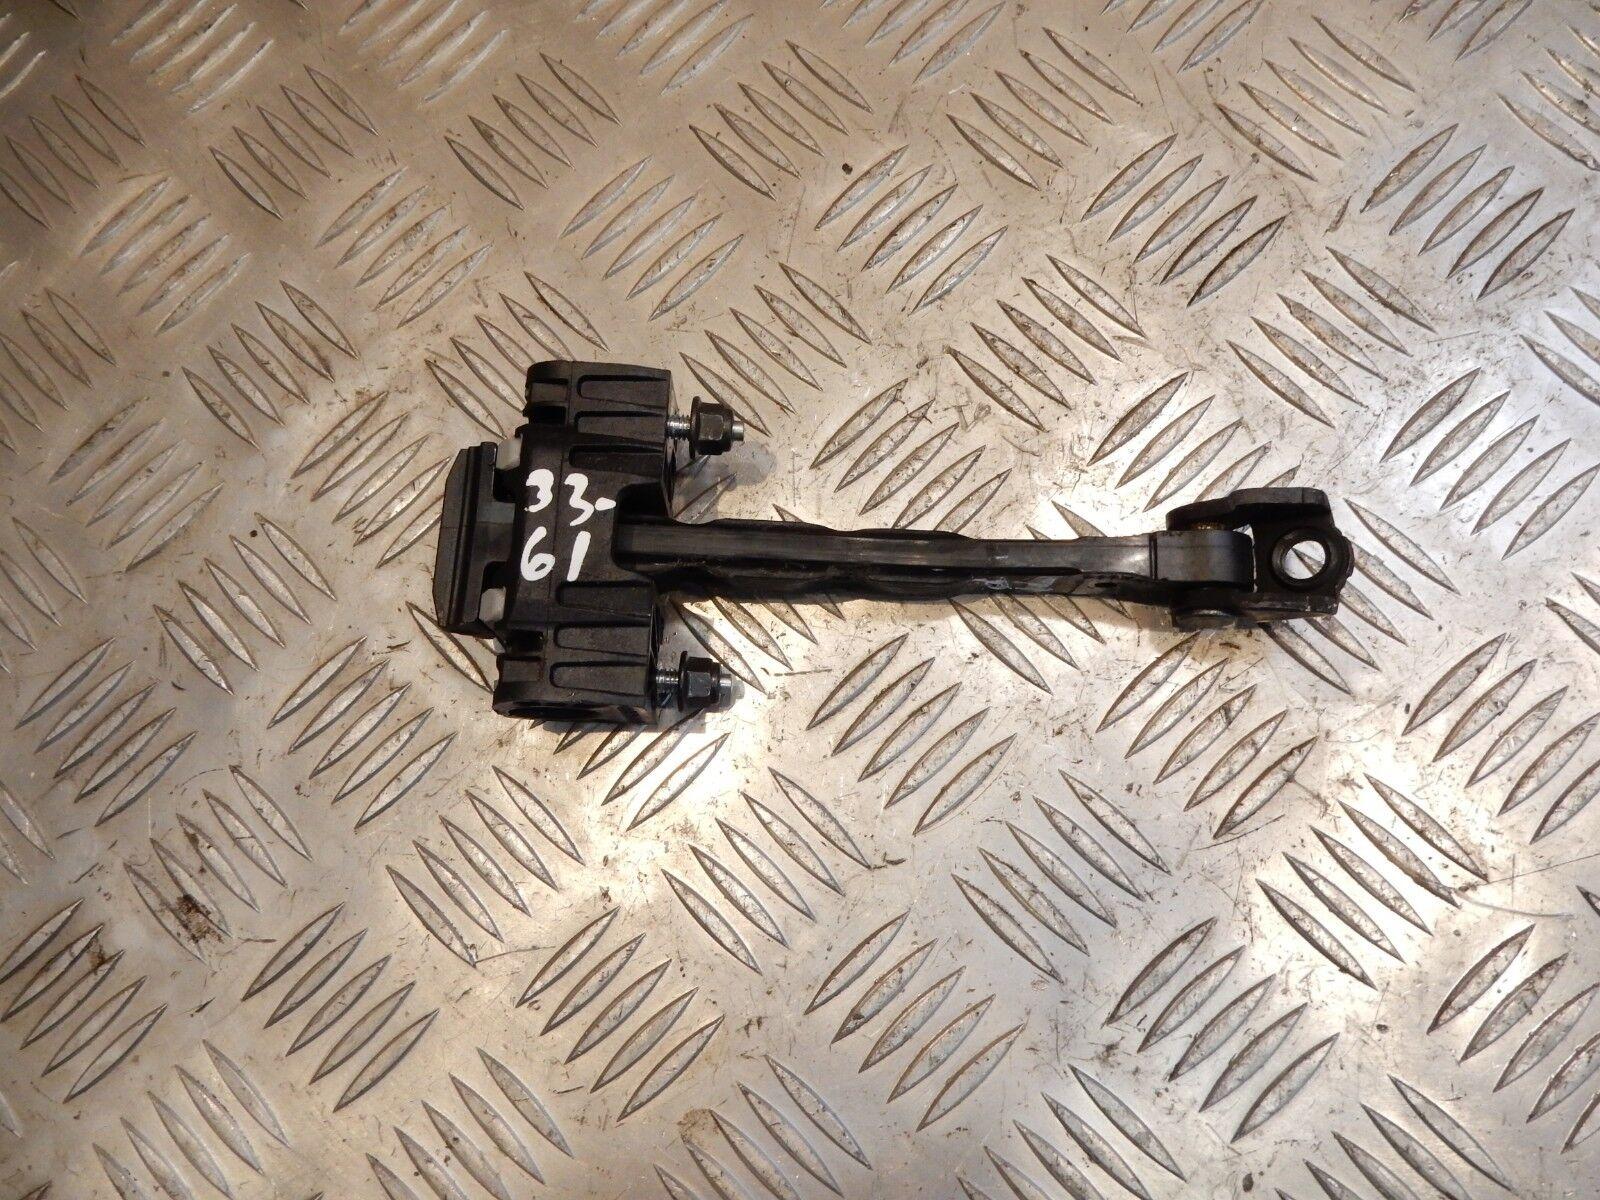 VOLVO S60 MK2 11-17 FRONT RIGHT DOOR RETAINING BAND MECHANISM 31298466 33#61